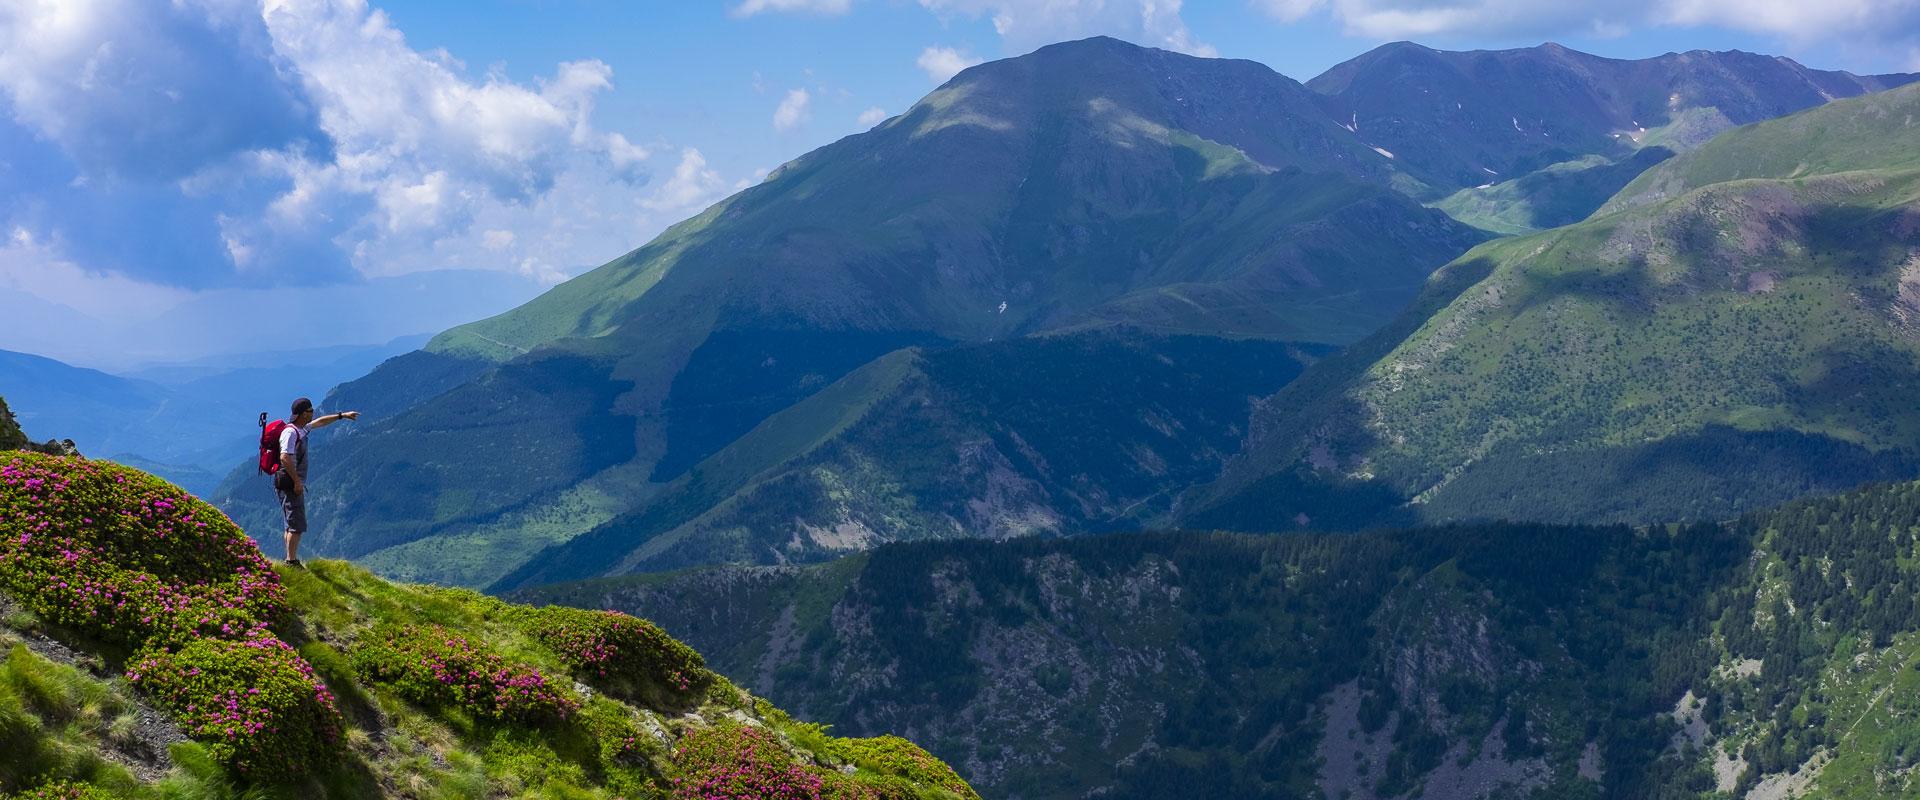 Vandring i Pyrenæerne: Vall de Boí